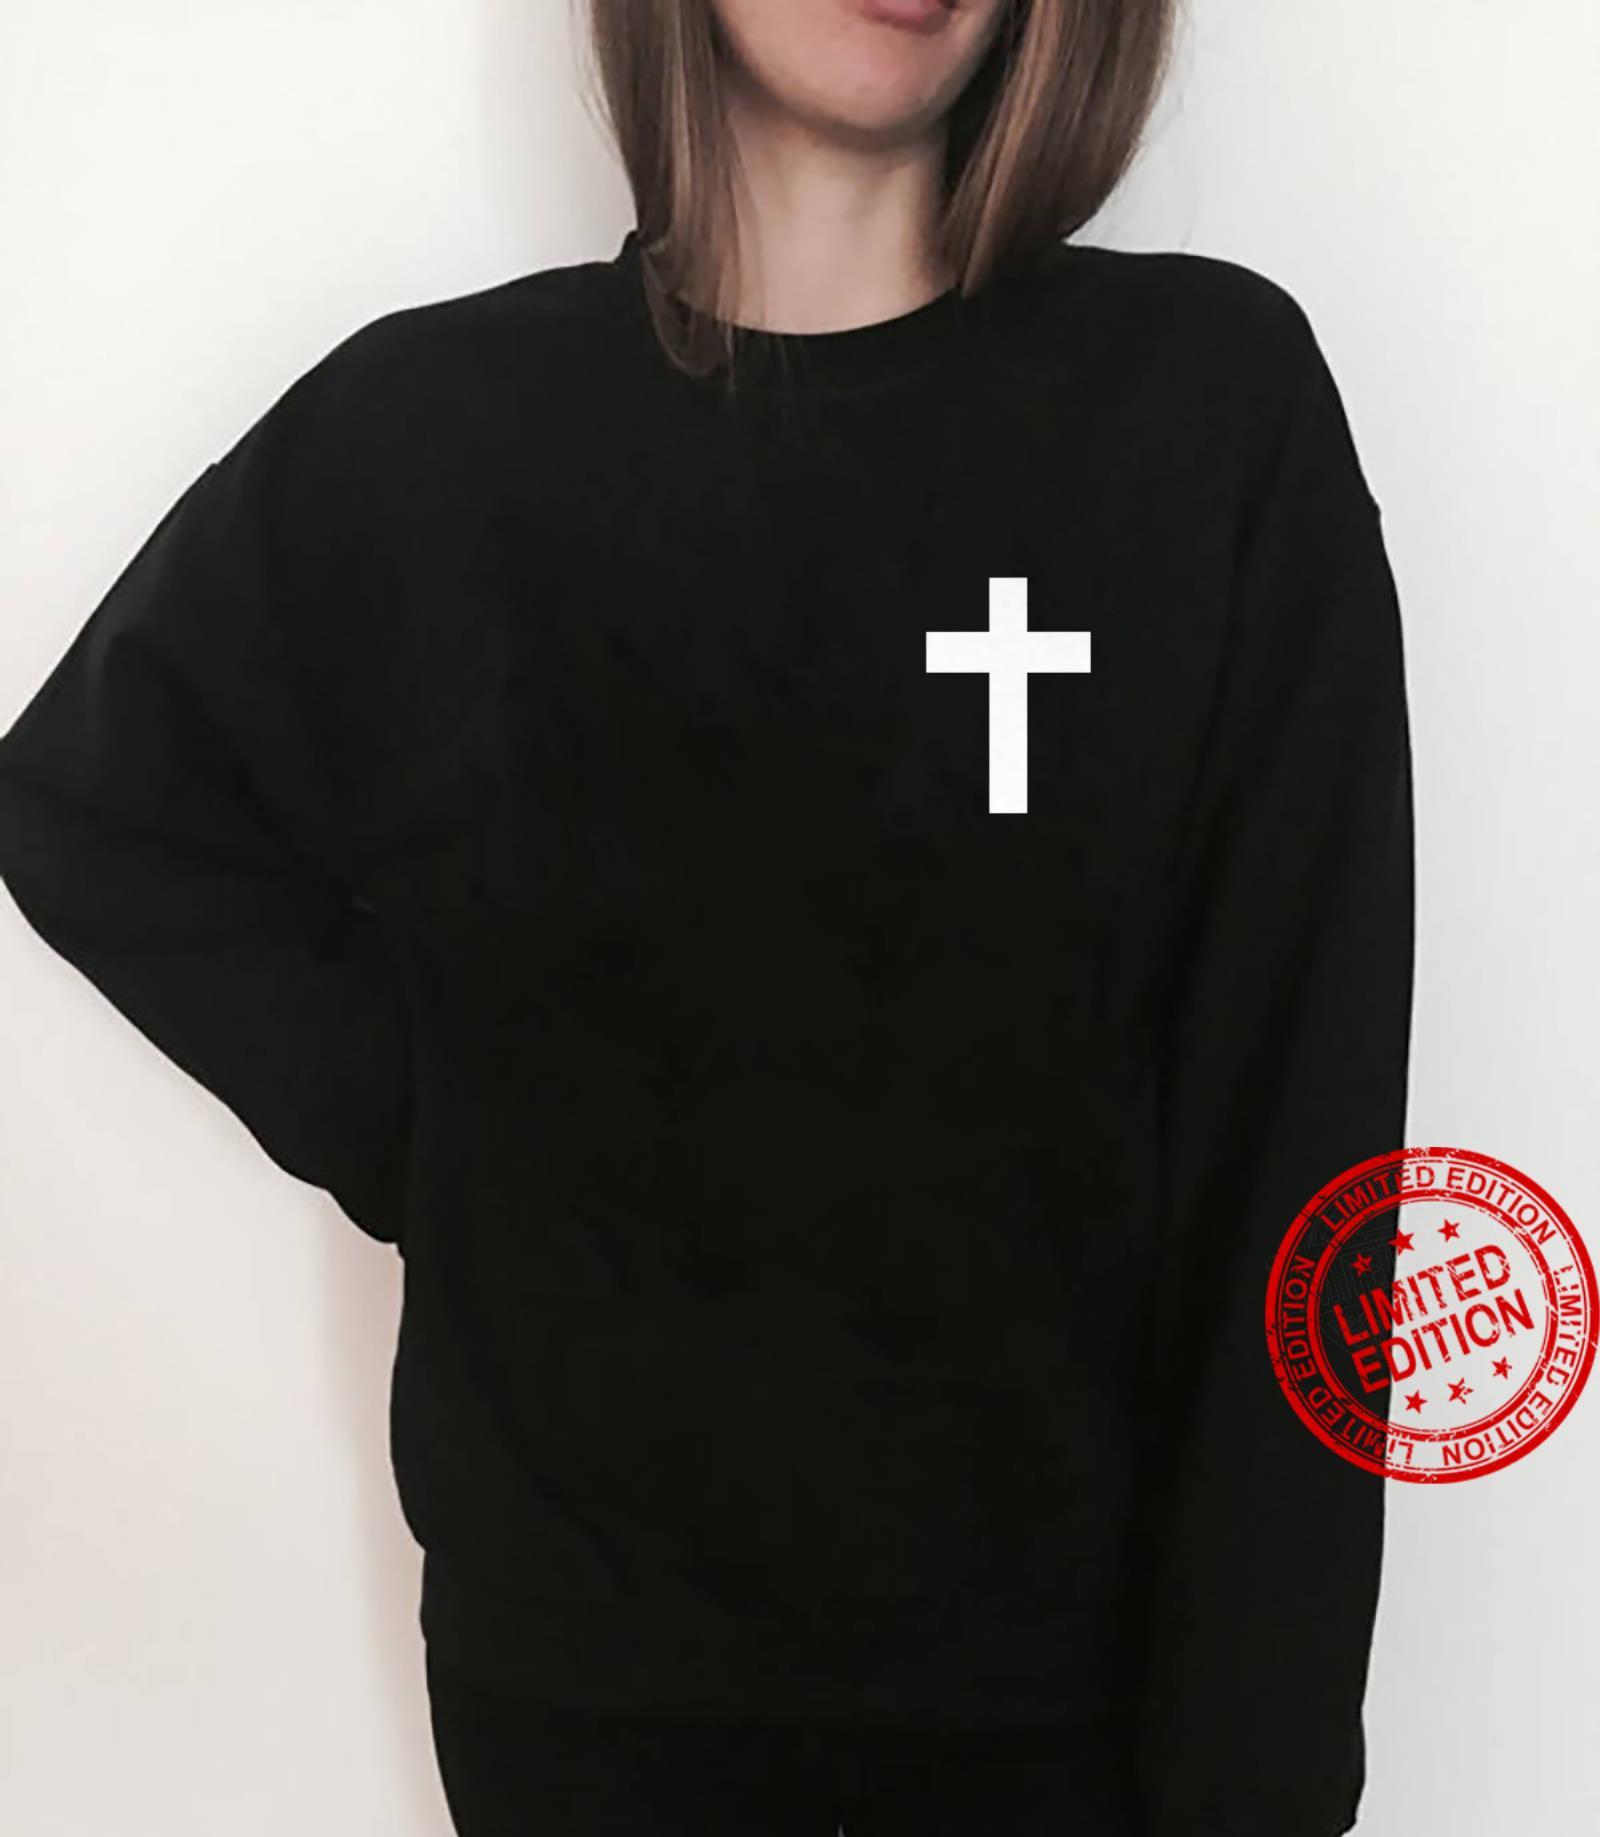 White Cross Jesus Christ Christianity God Christian Gospel Shirt sweater